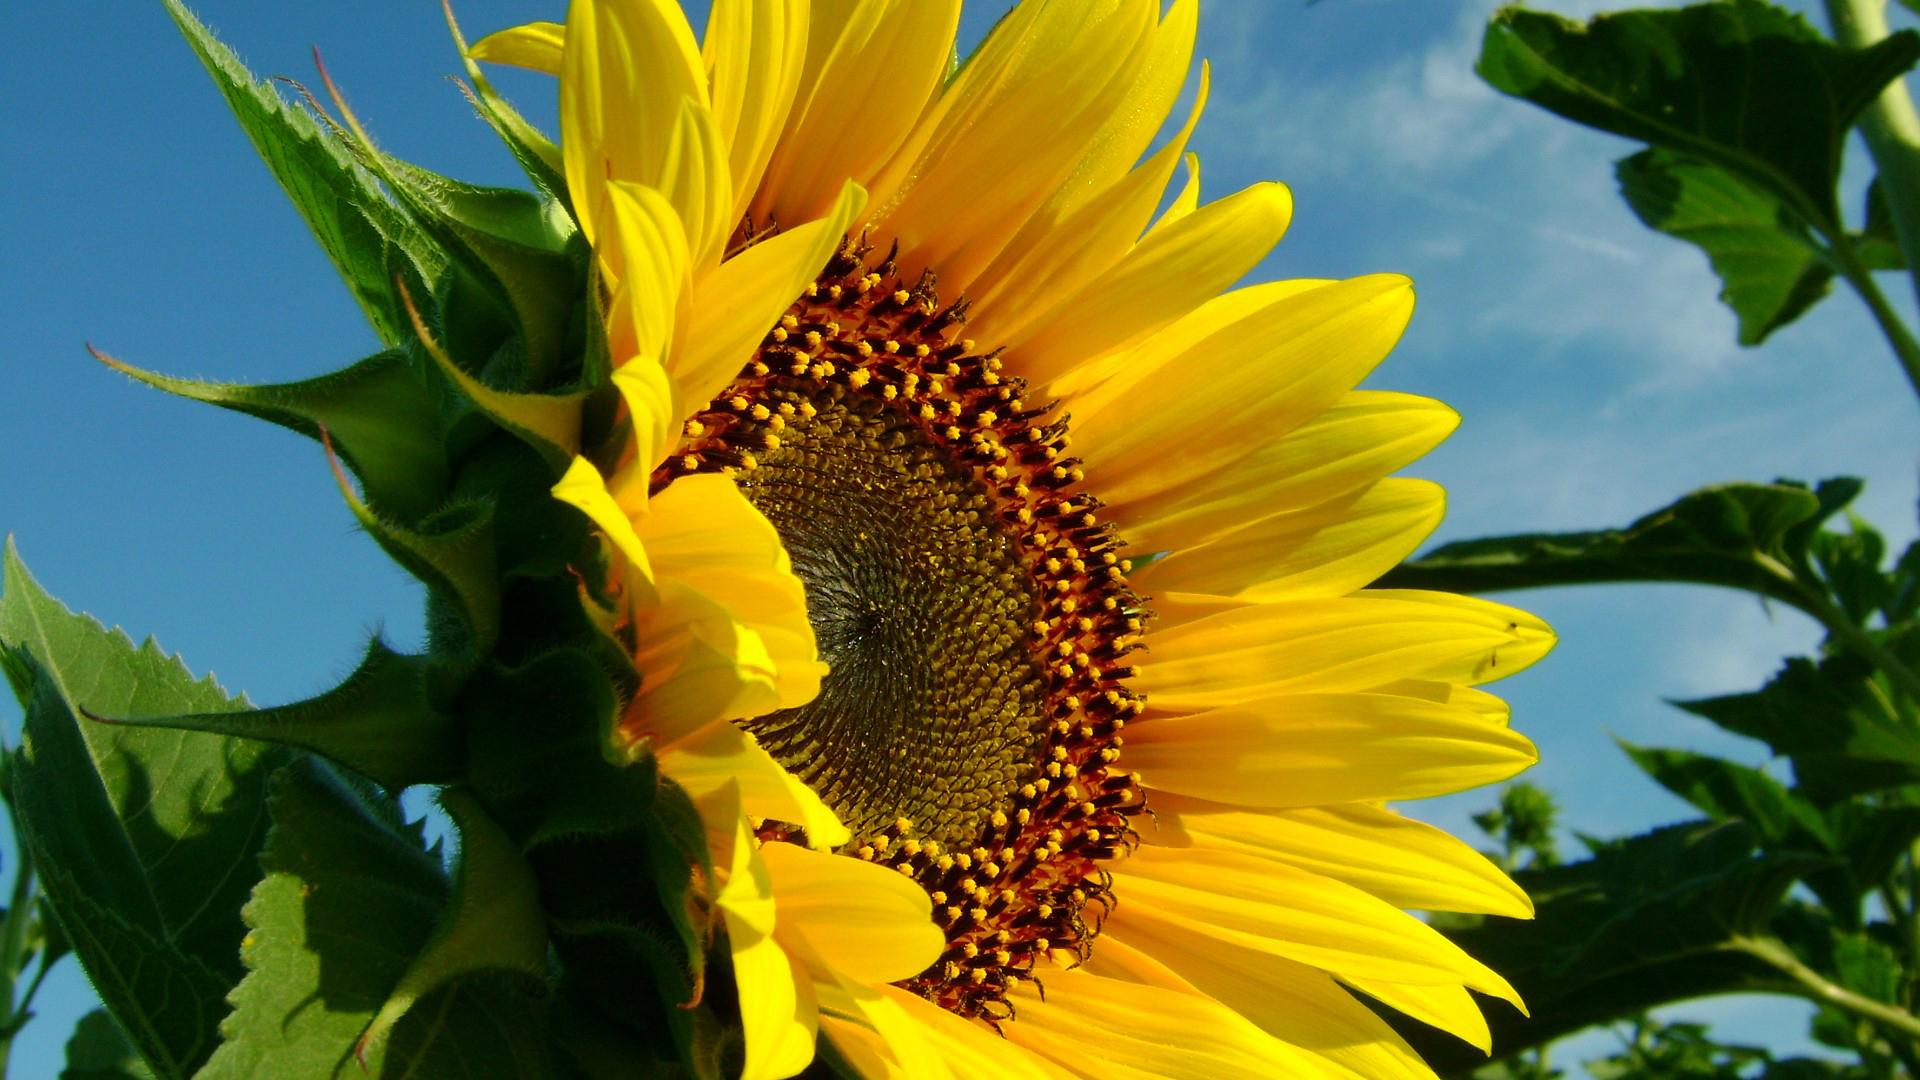 природа цветы подсолнечник  № 2671756 бесплатно